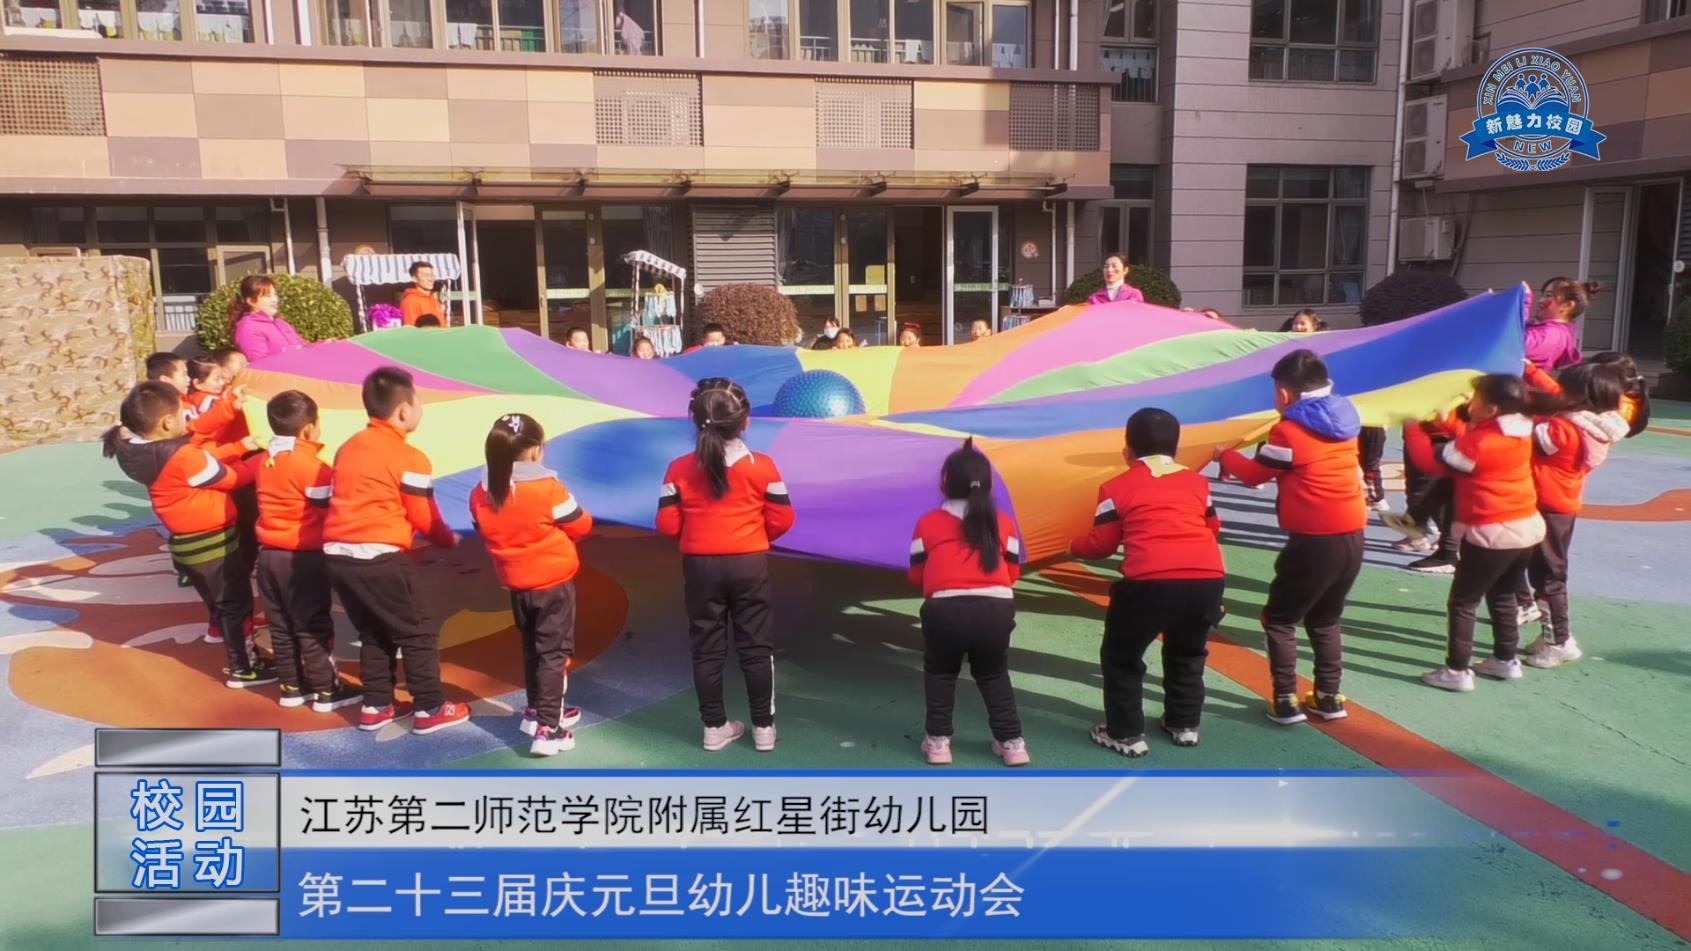 江苏第二师范学院附属红星街幼儿园举行第二十三届庆元旦幼儿趣味运动会